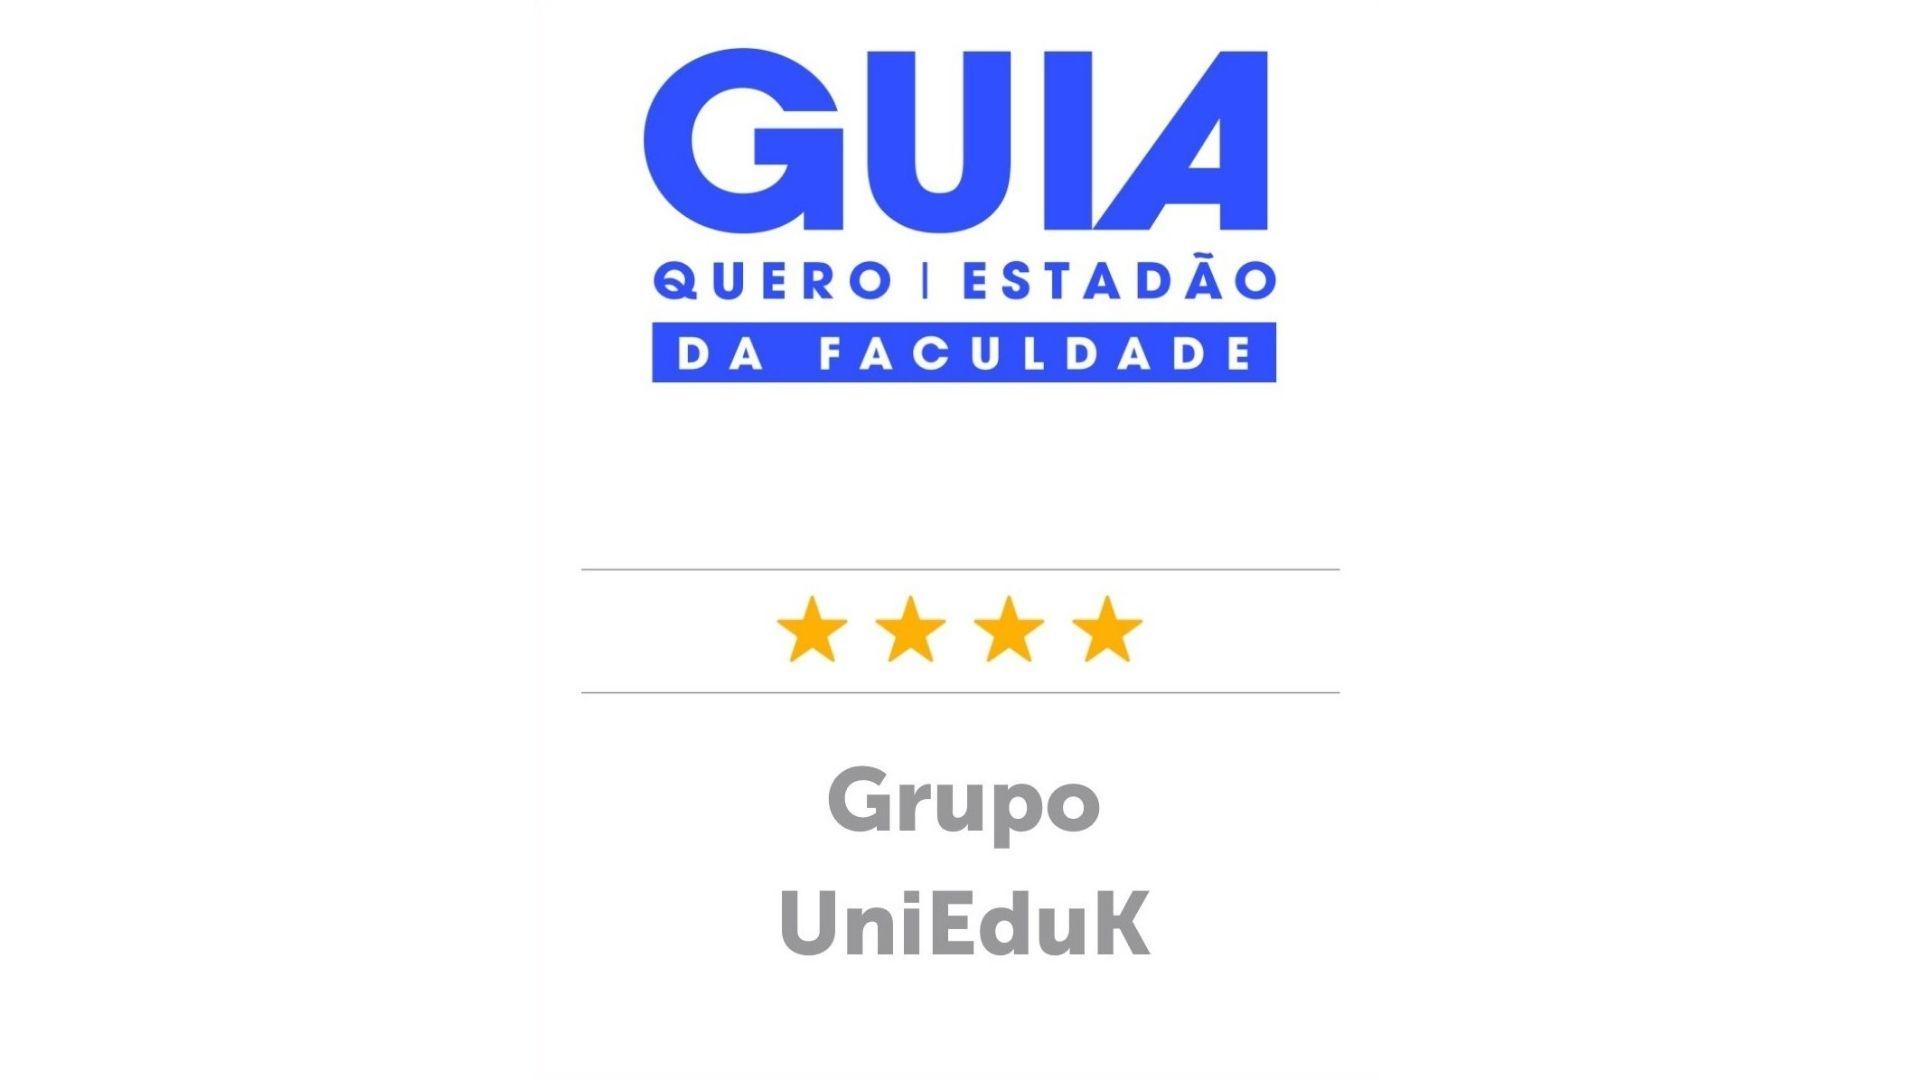 A imagem traz o certificado do Guia da Faculdade Quero/Estadão para o Grupo UniEduK.